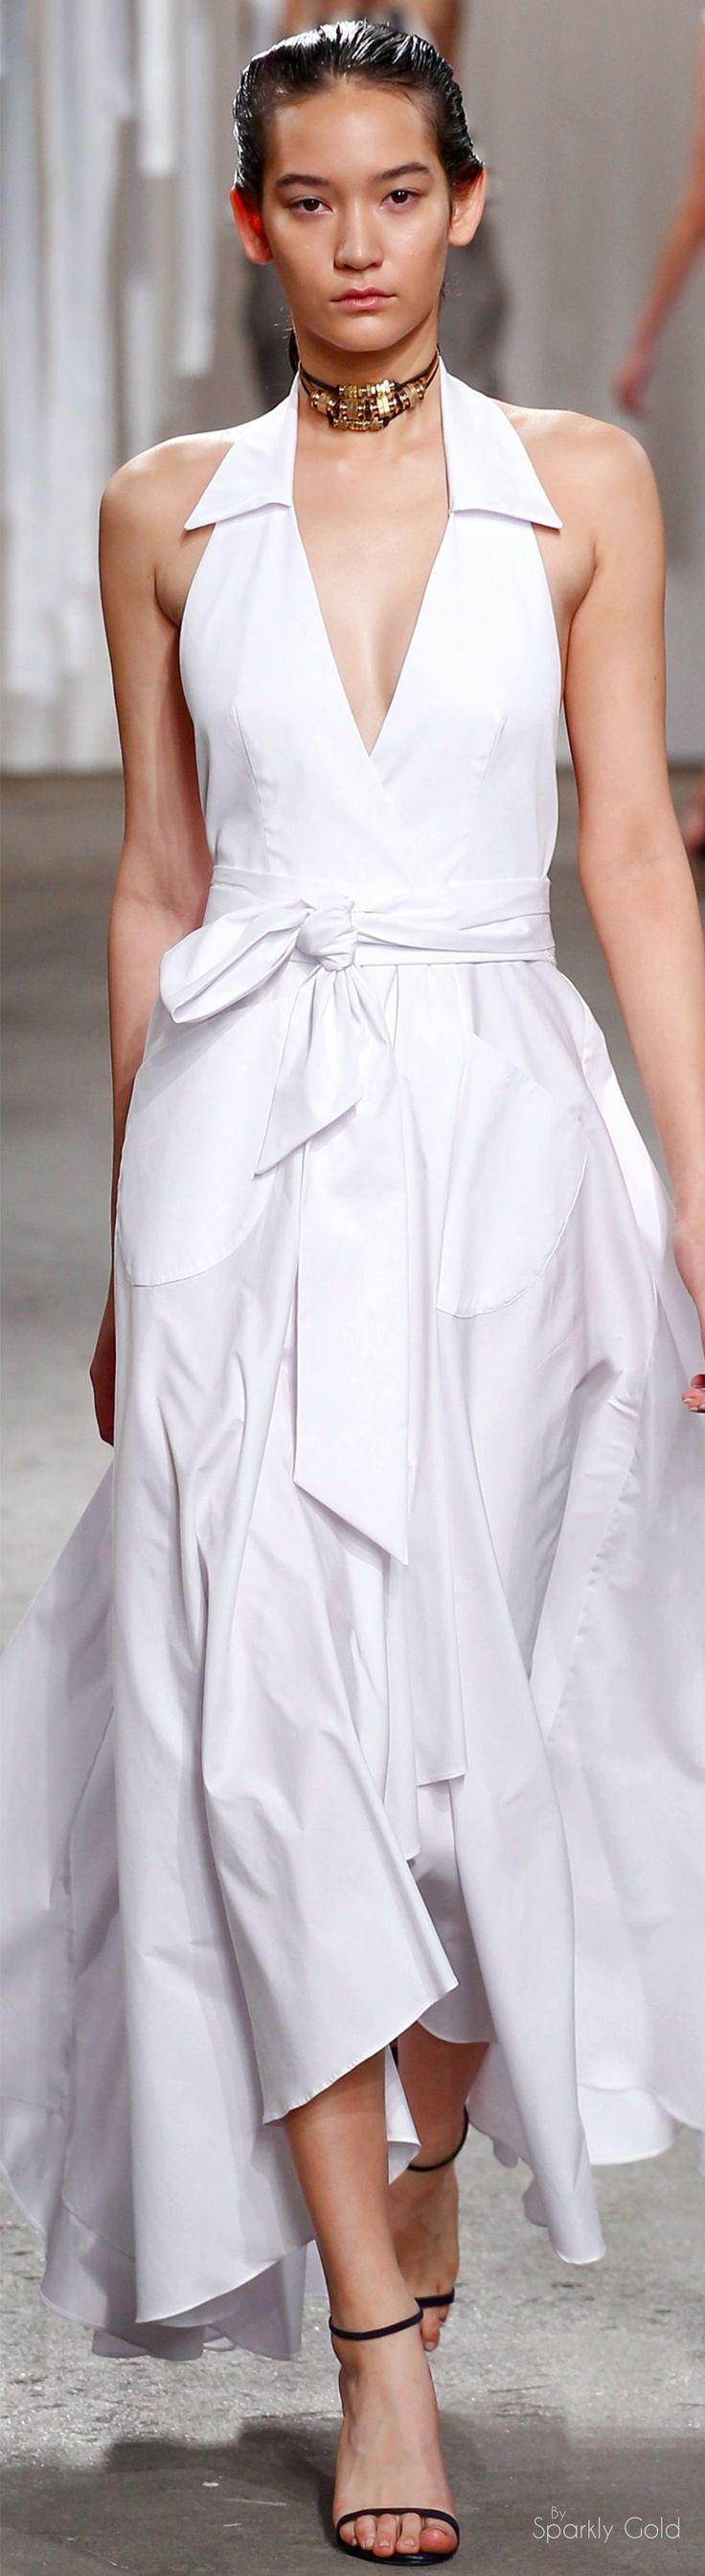 Beste Beiläufiges Kleid Für Prom Bilder - Brautkleider Ideen ...